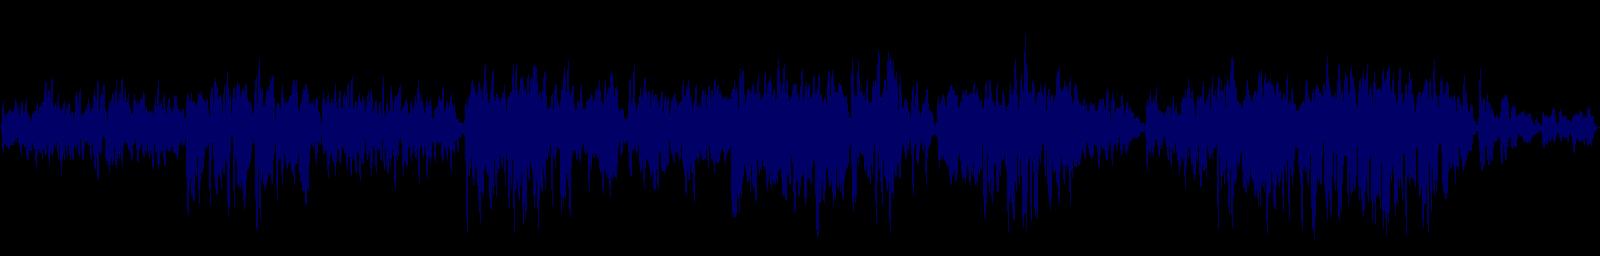 waveform of track #128922